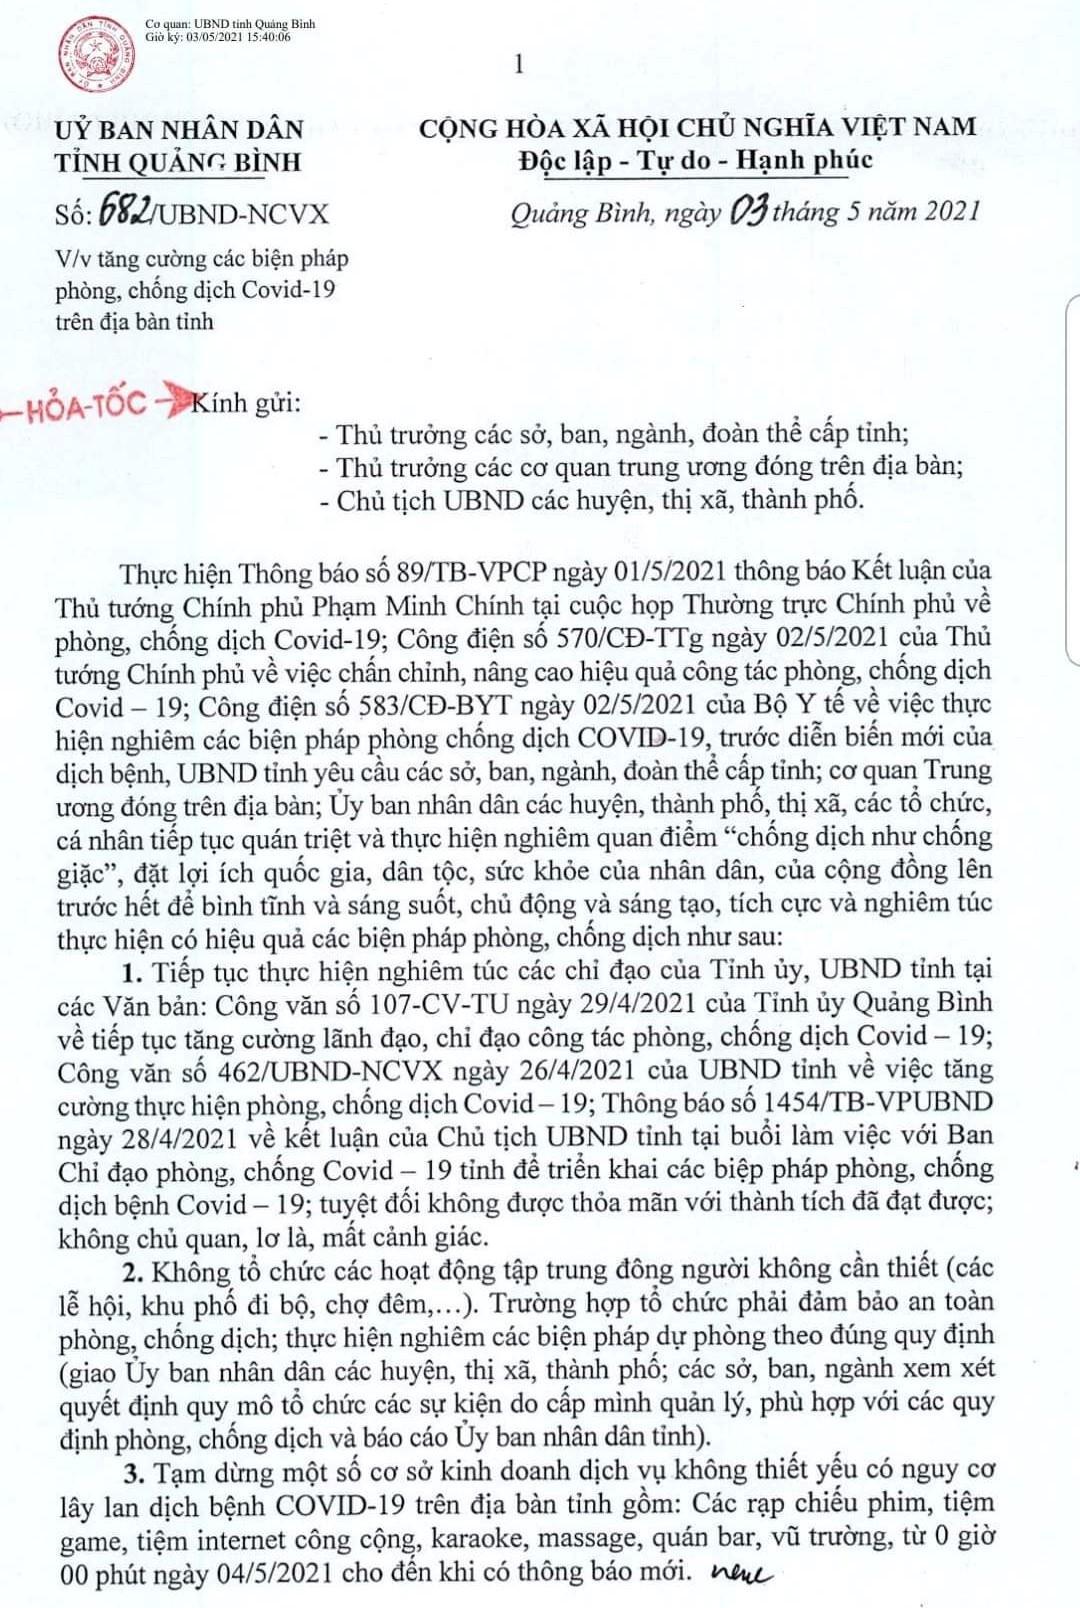 Công văn của UBND tỉnh Quảng Bình